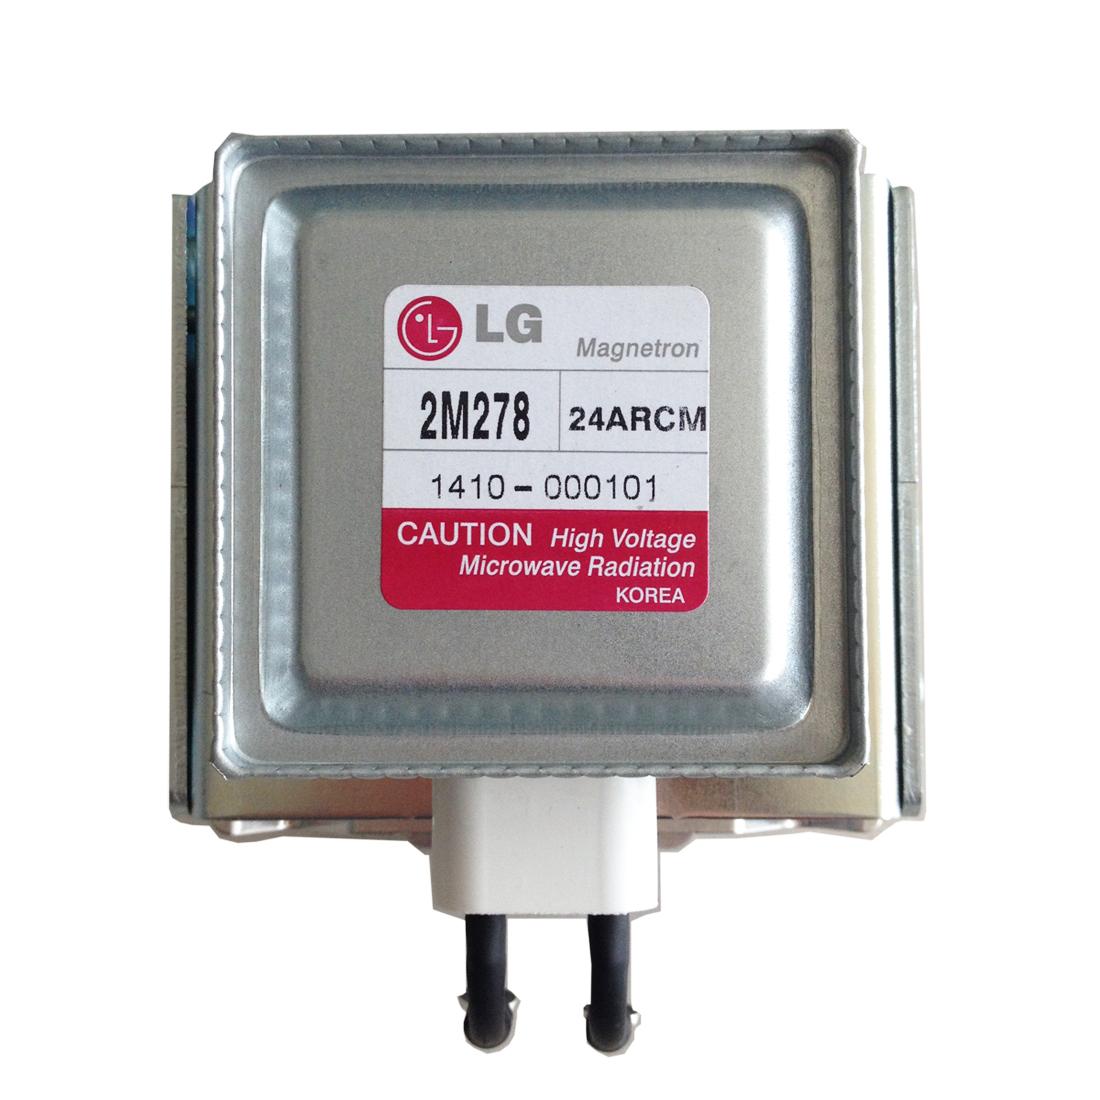 LG2KW磁控管2M278-24